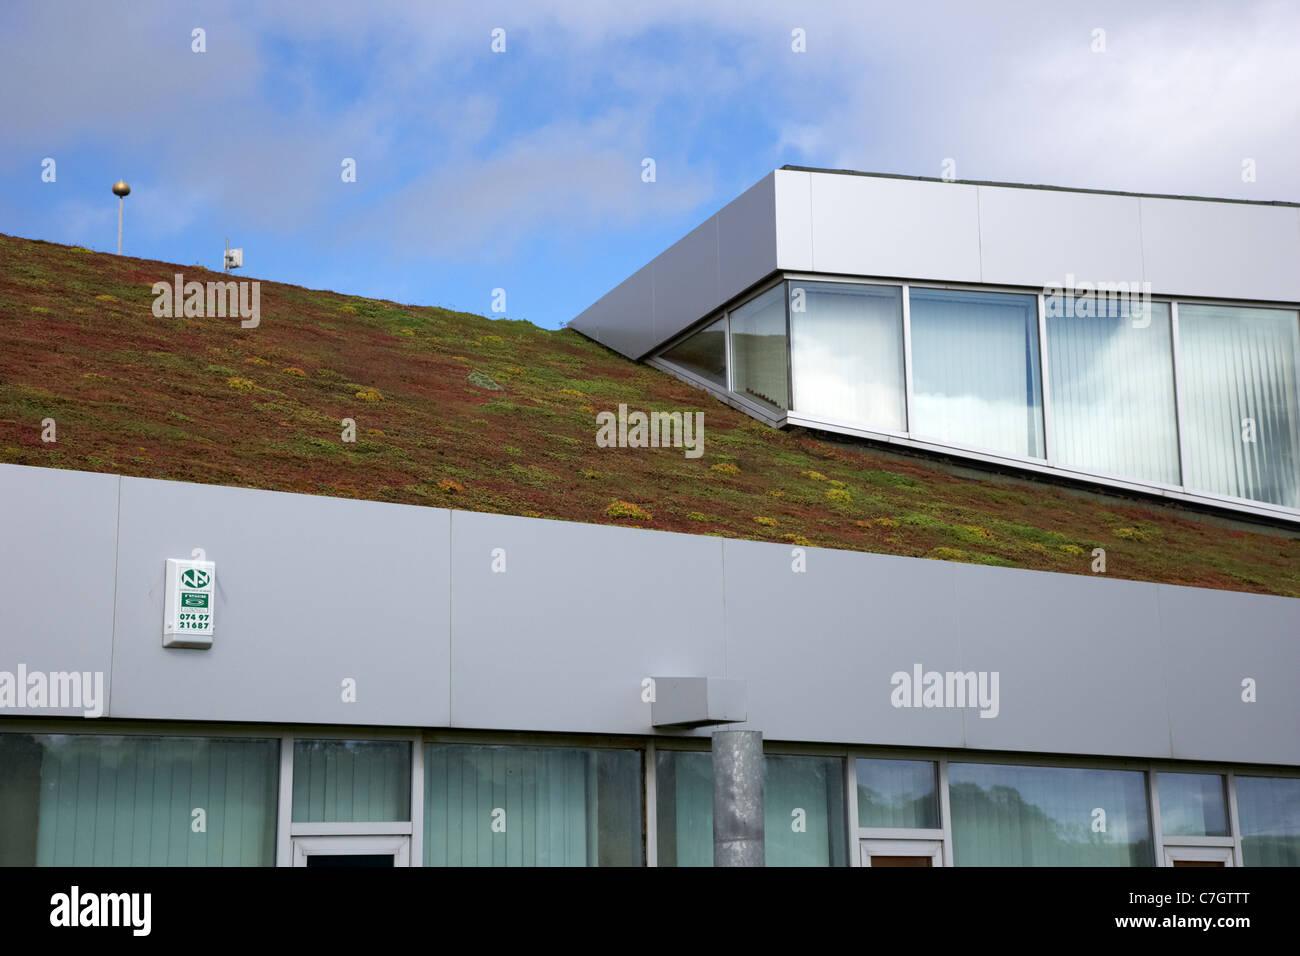 abfallenden Sedum Grasdach und Lichtkuppeln auf eine öffentliche Dienstleistungen Gebäude in Letterkenny Stockbild